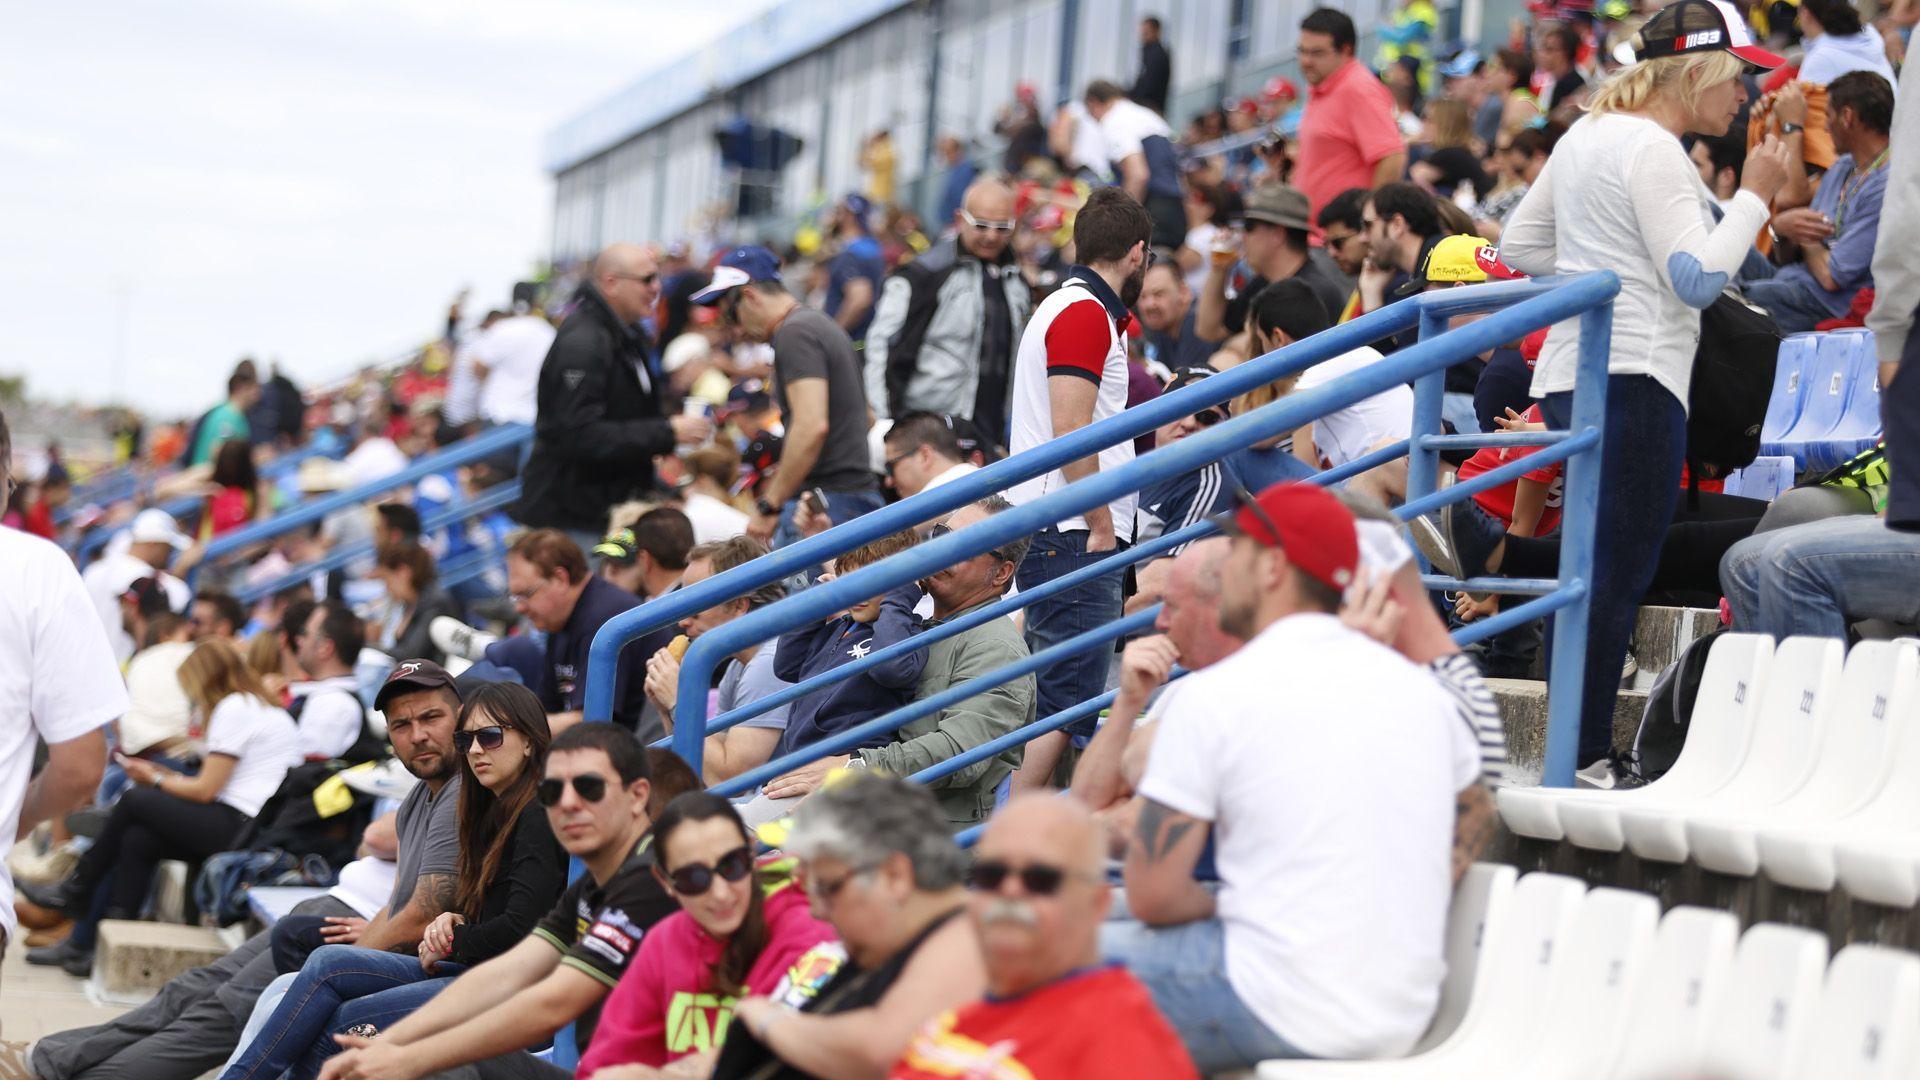 Gradería de público del circuito de Jerez - Domingo 24/04/2016 | Imagen de Cristo García